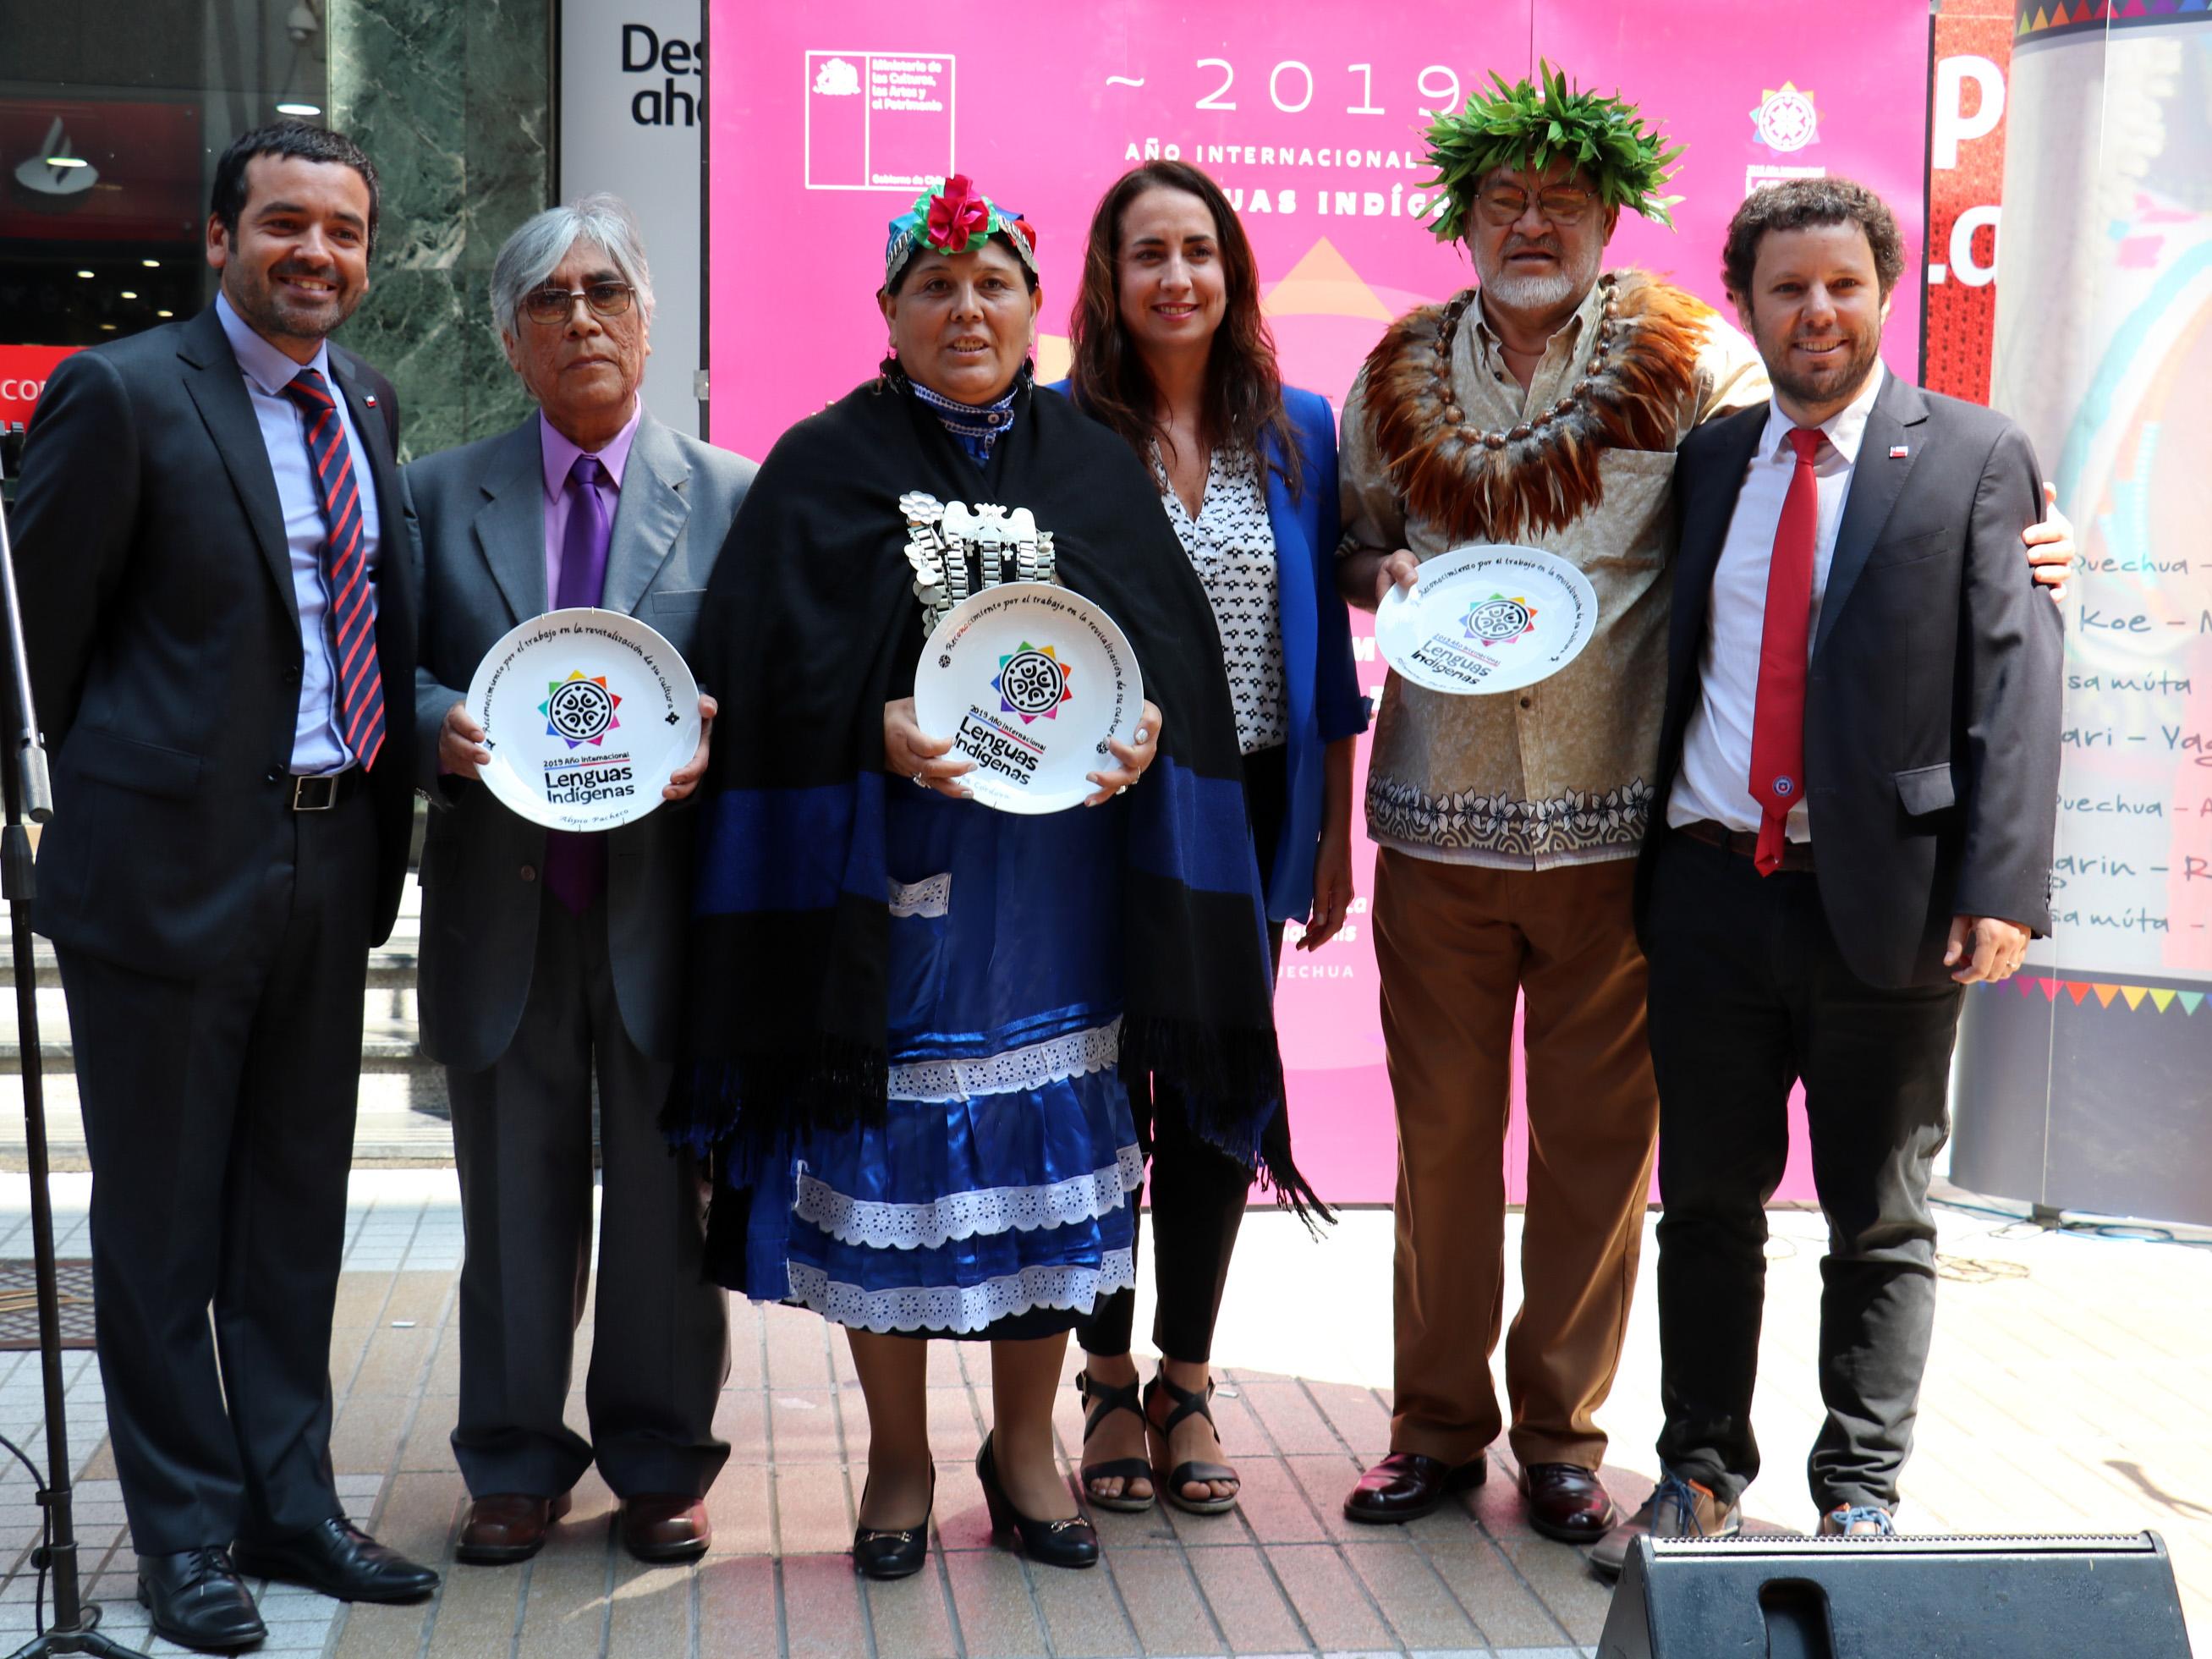 MINISTERIO DE LAS CULTURAS ANUNCIA 5 MIL CUPOS PARA CURSOS DE MAPUZUGUN GRATUITOS